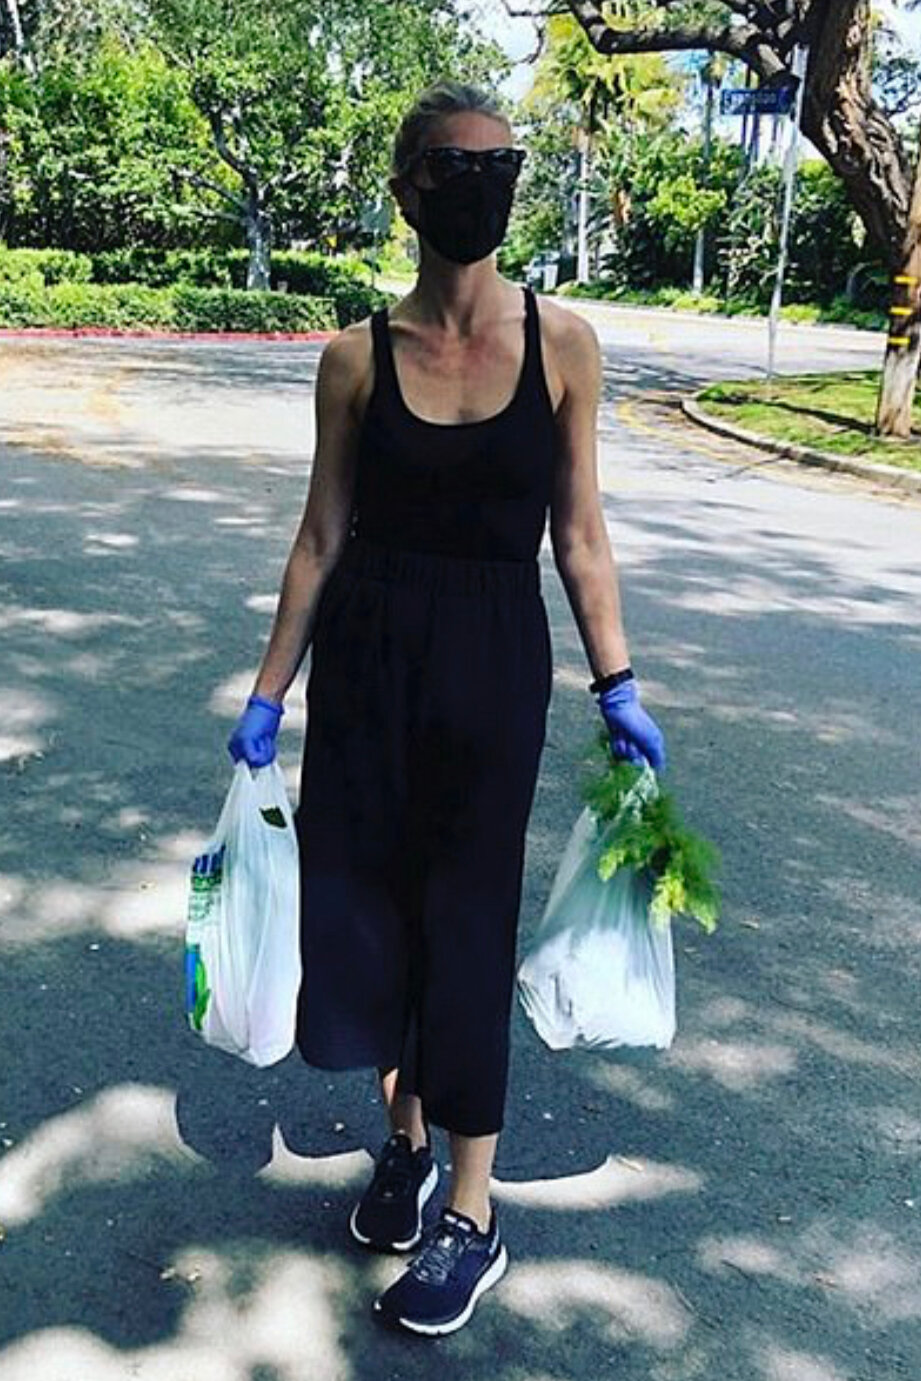 gwyneth-paltrow-black-axi-dress-farmers-market.jpg